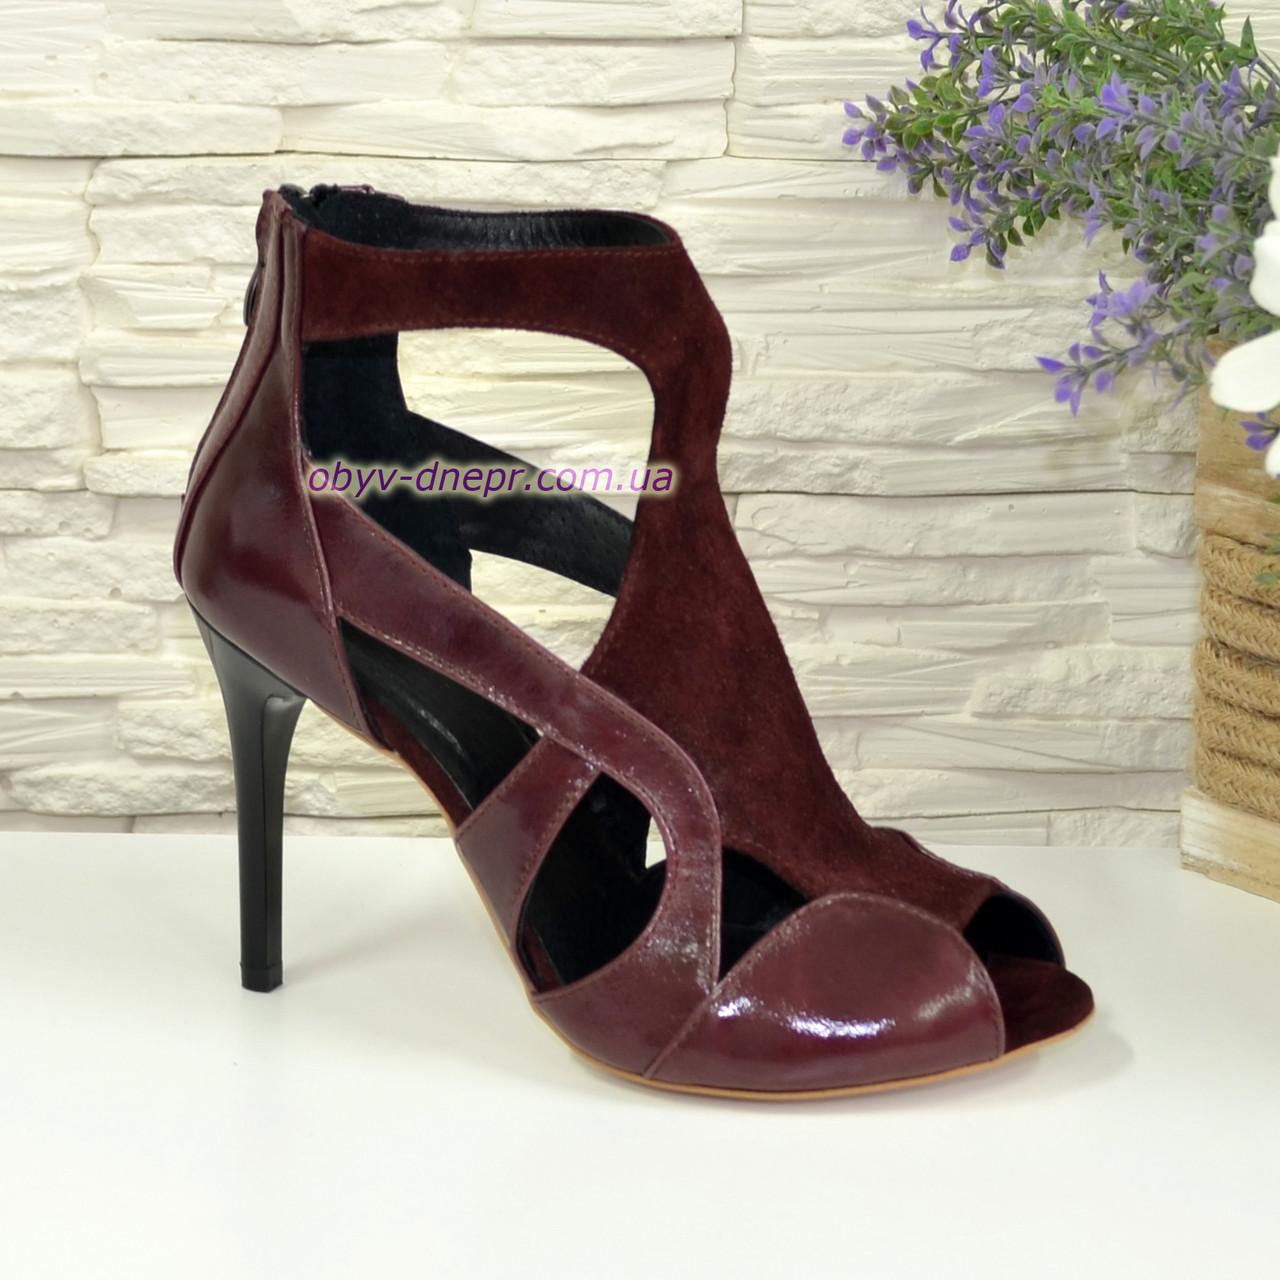 Элегантные босоножки на шпильке, натуральная кожа и замша бордового цвета